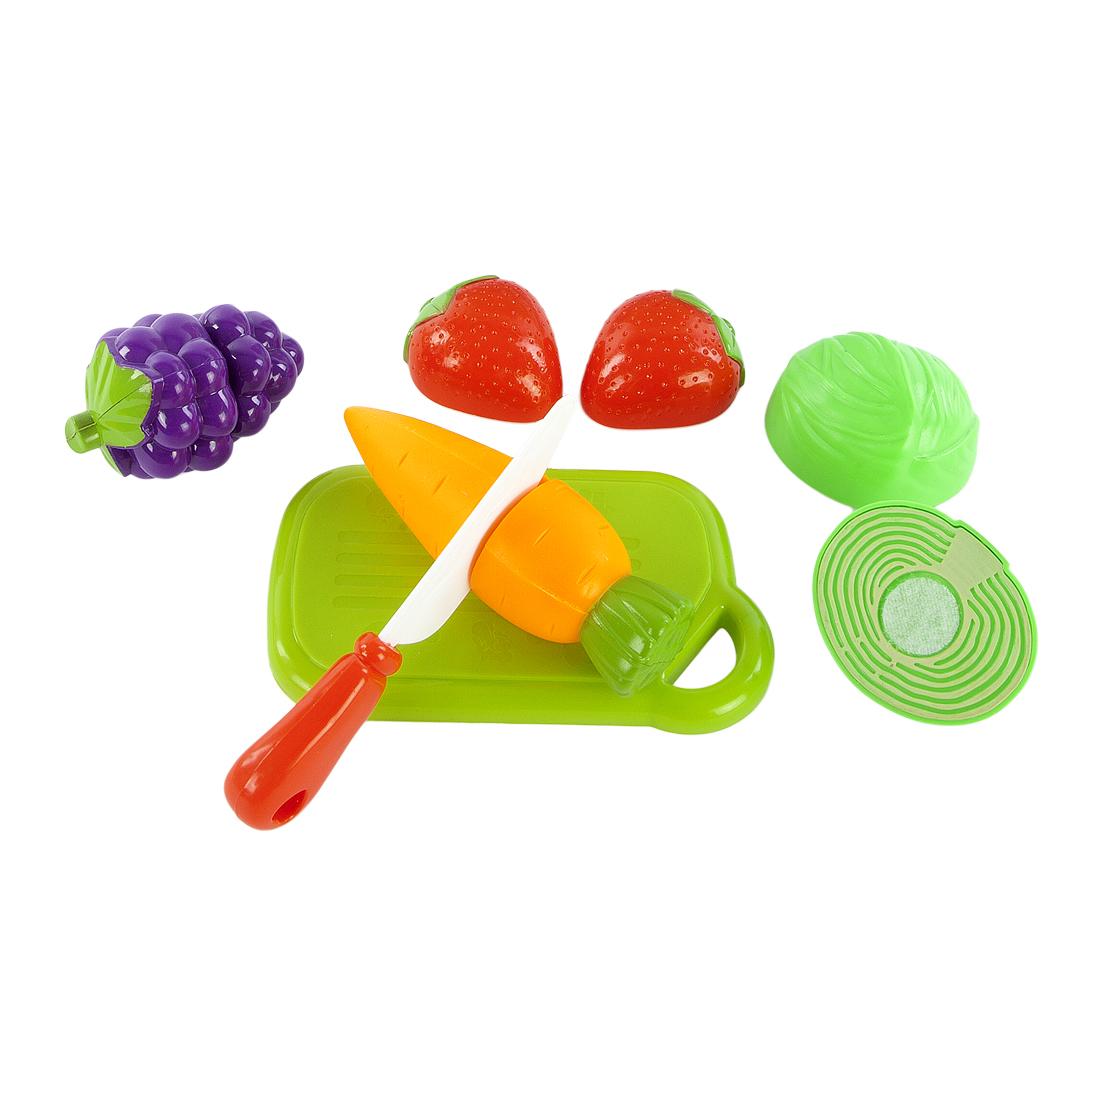 Купить Игровой набор для резки, овощи и фрукты, 1шт., Mary Poppins 453044, Китай, в ассортименте